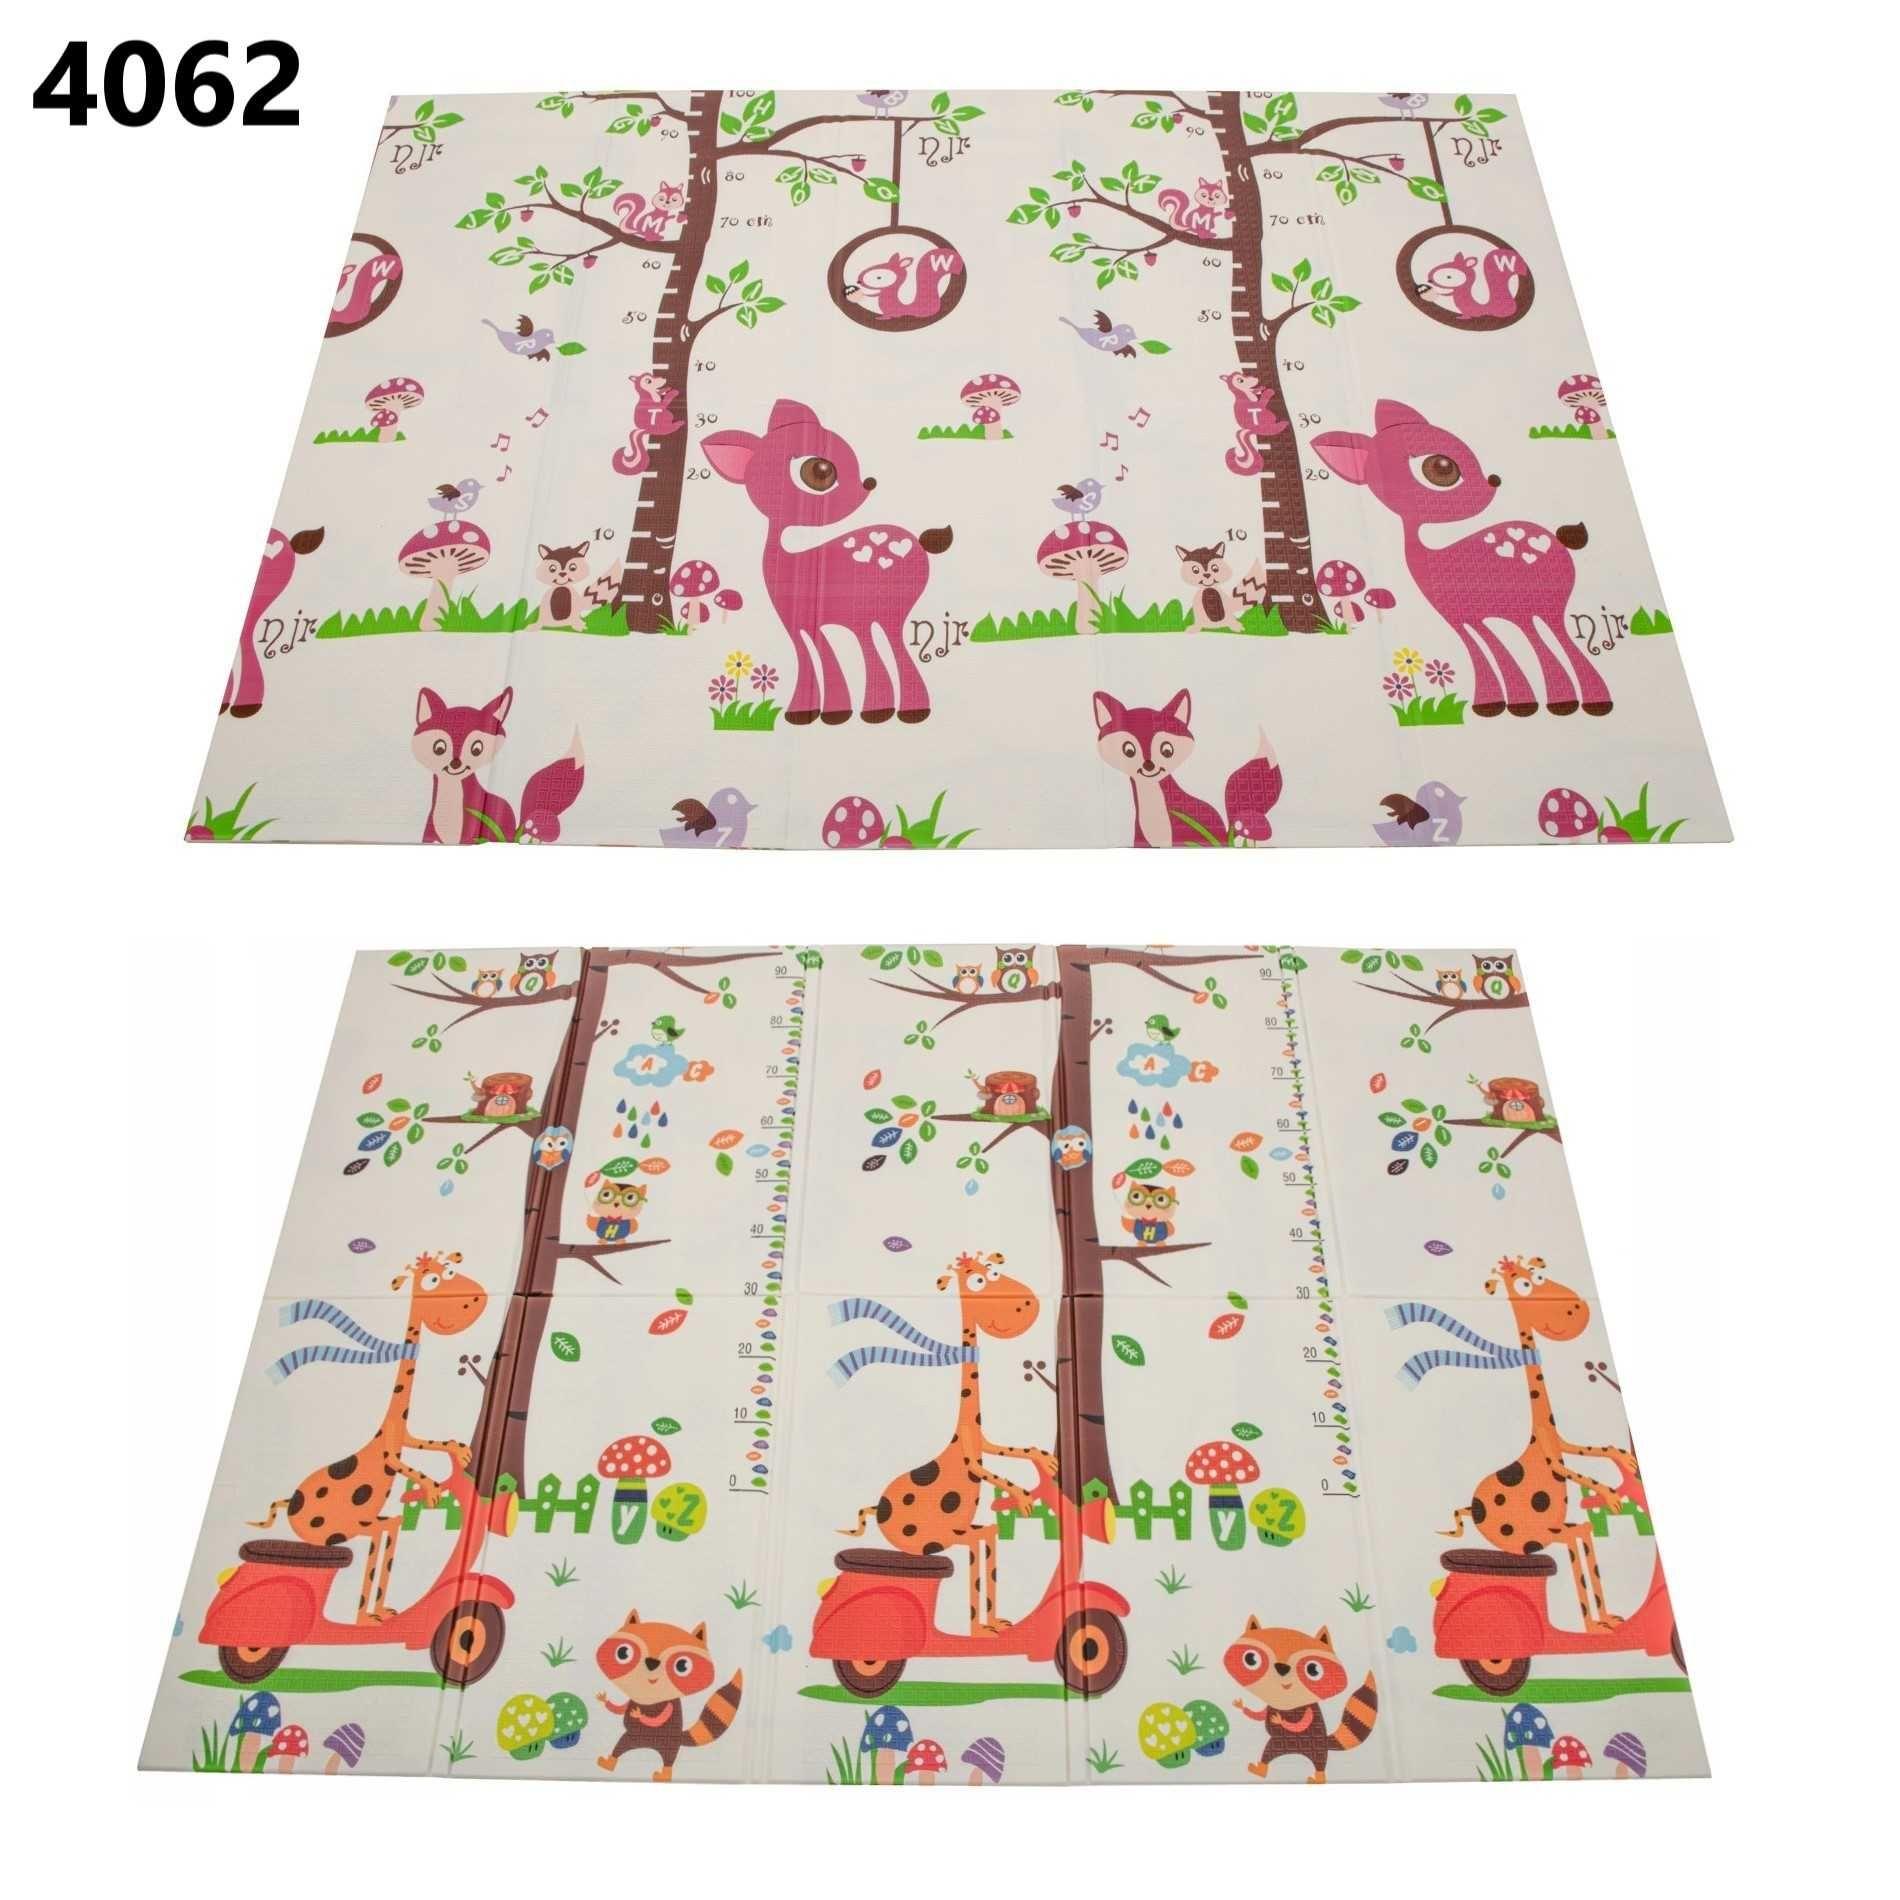 Covoras de joaca termic copii 200 x 150 cm, pliabil, doua fete